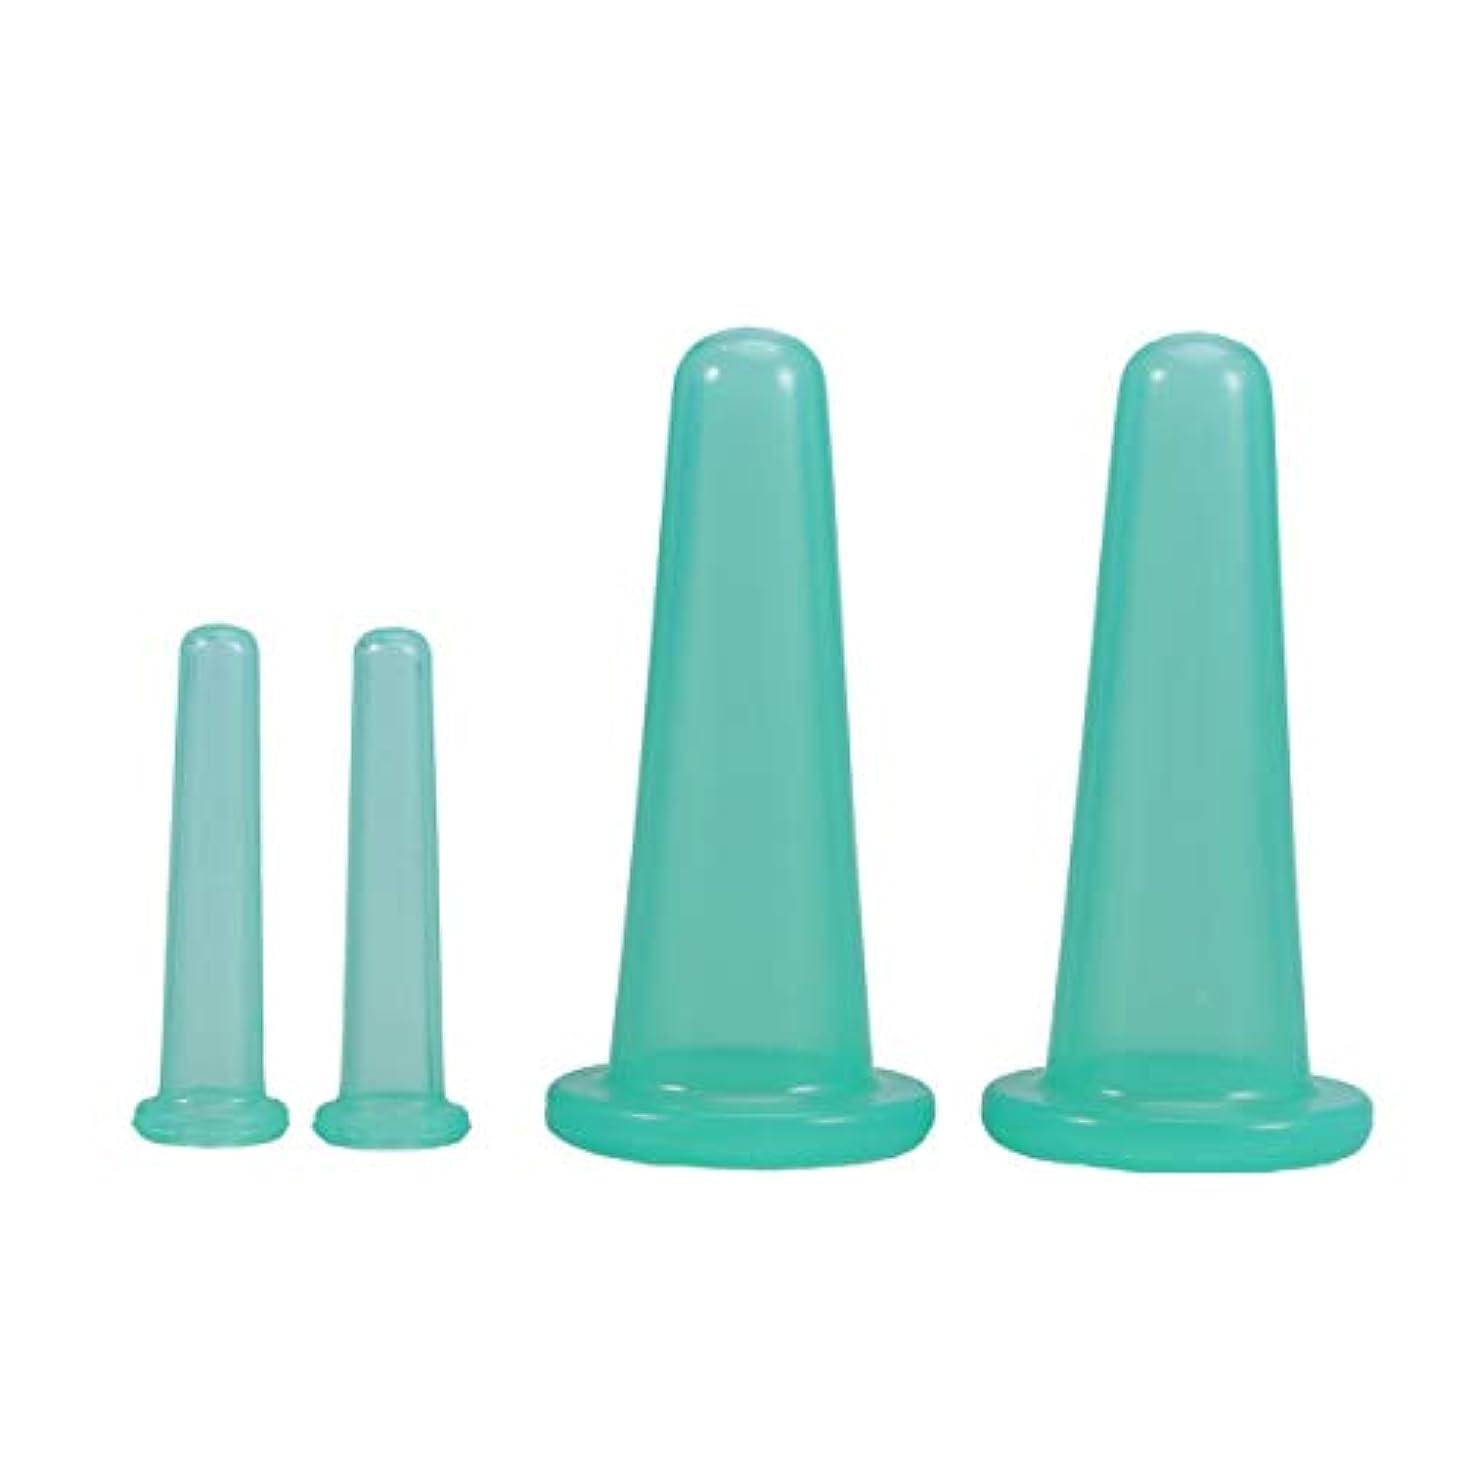 アレイ個人兵器庫HEALLILY 4ピースシリコンカッピングカップマッサージ療法カッピングセットボディフェイシャルアンチセルライトカップ(グリーン)